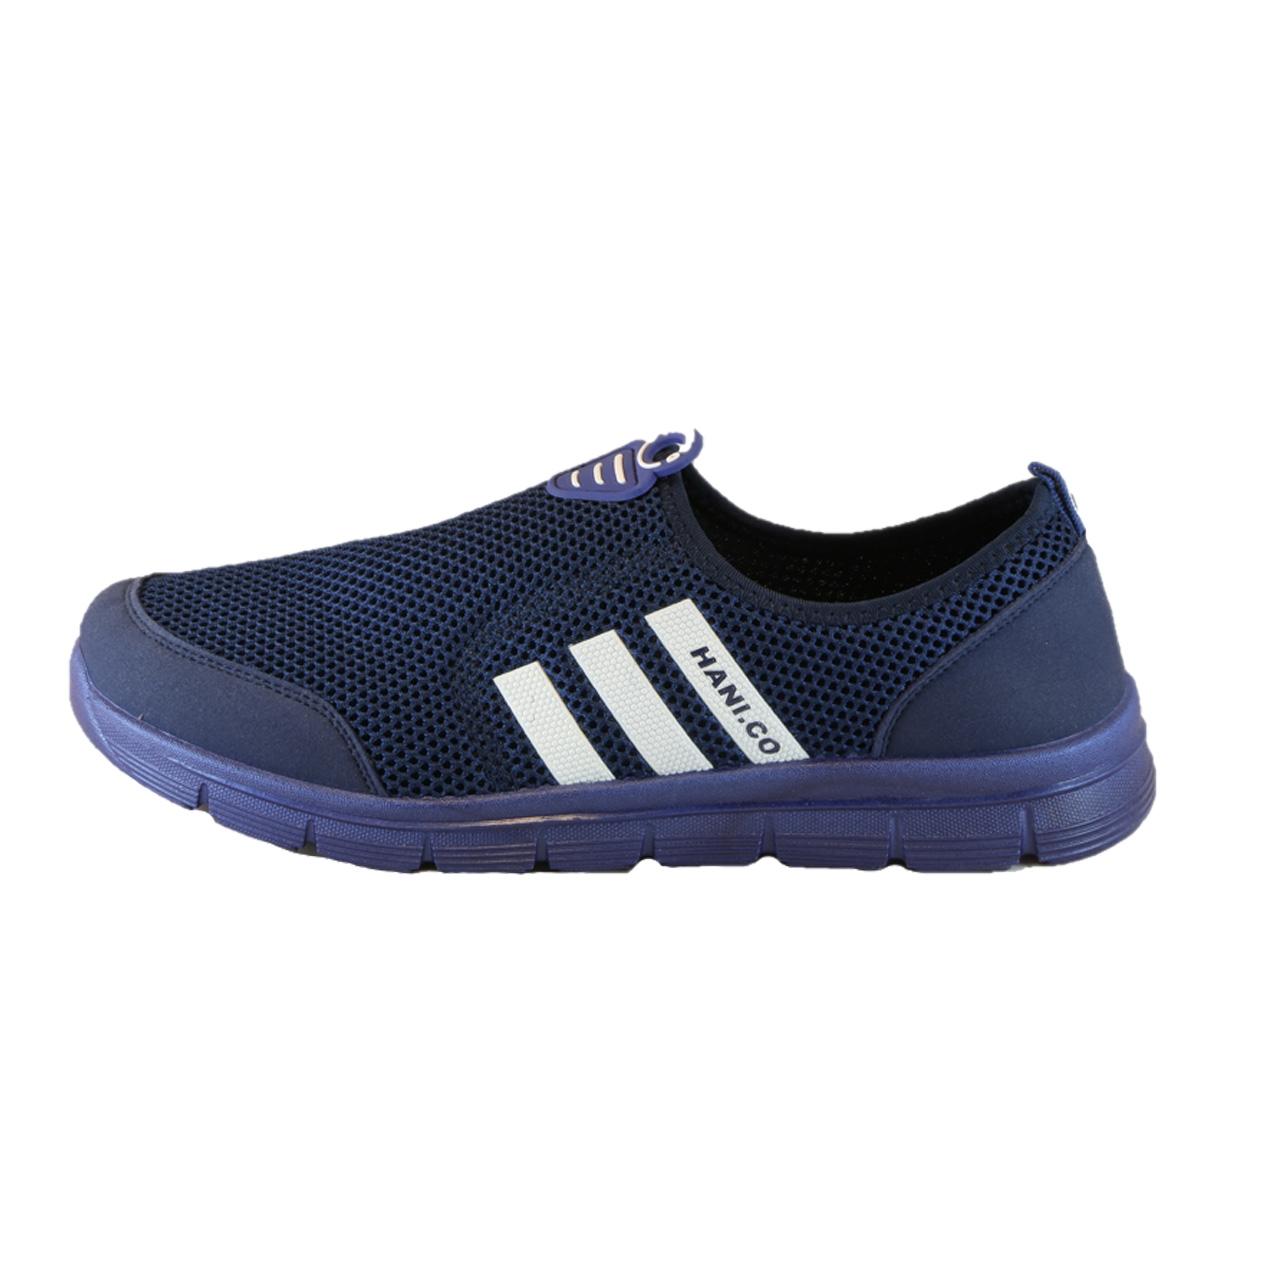 قیمت کفش ورزشی مردانه هانیکو مدل K.han.433